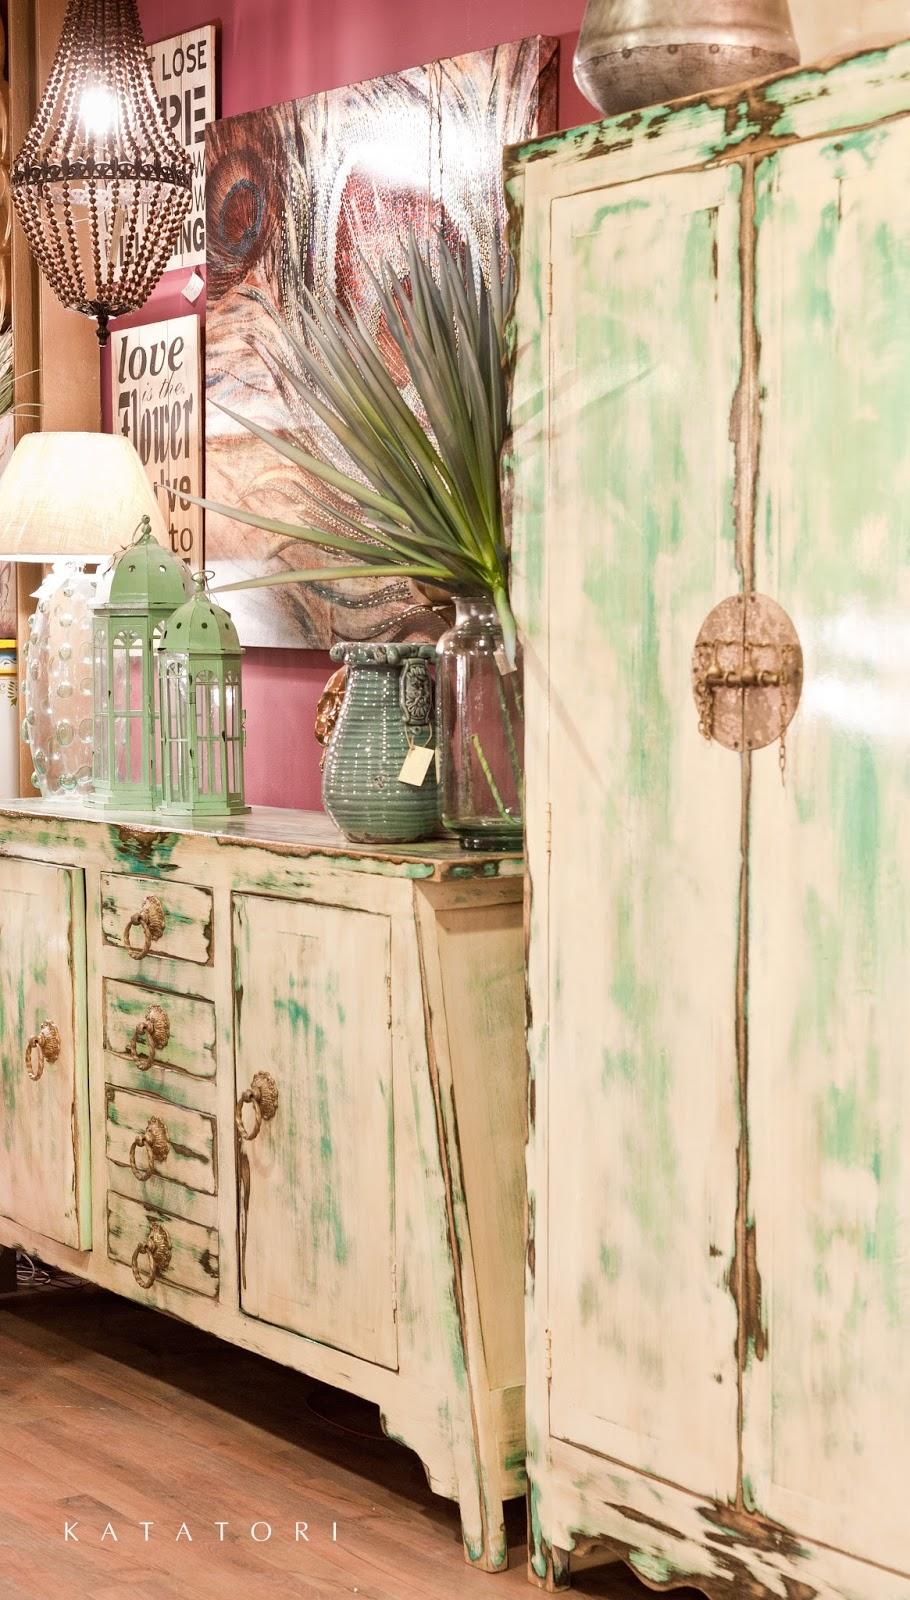 Katatori interiores decoraci n blanco y verde - Muebles decoracion sevilla ...